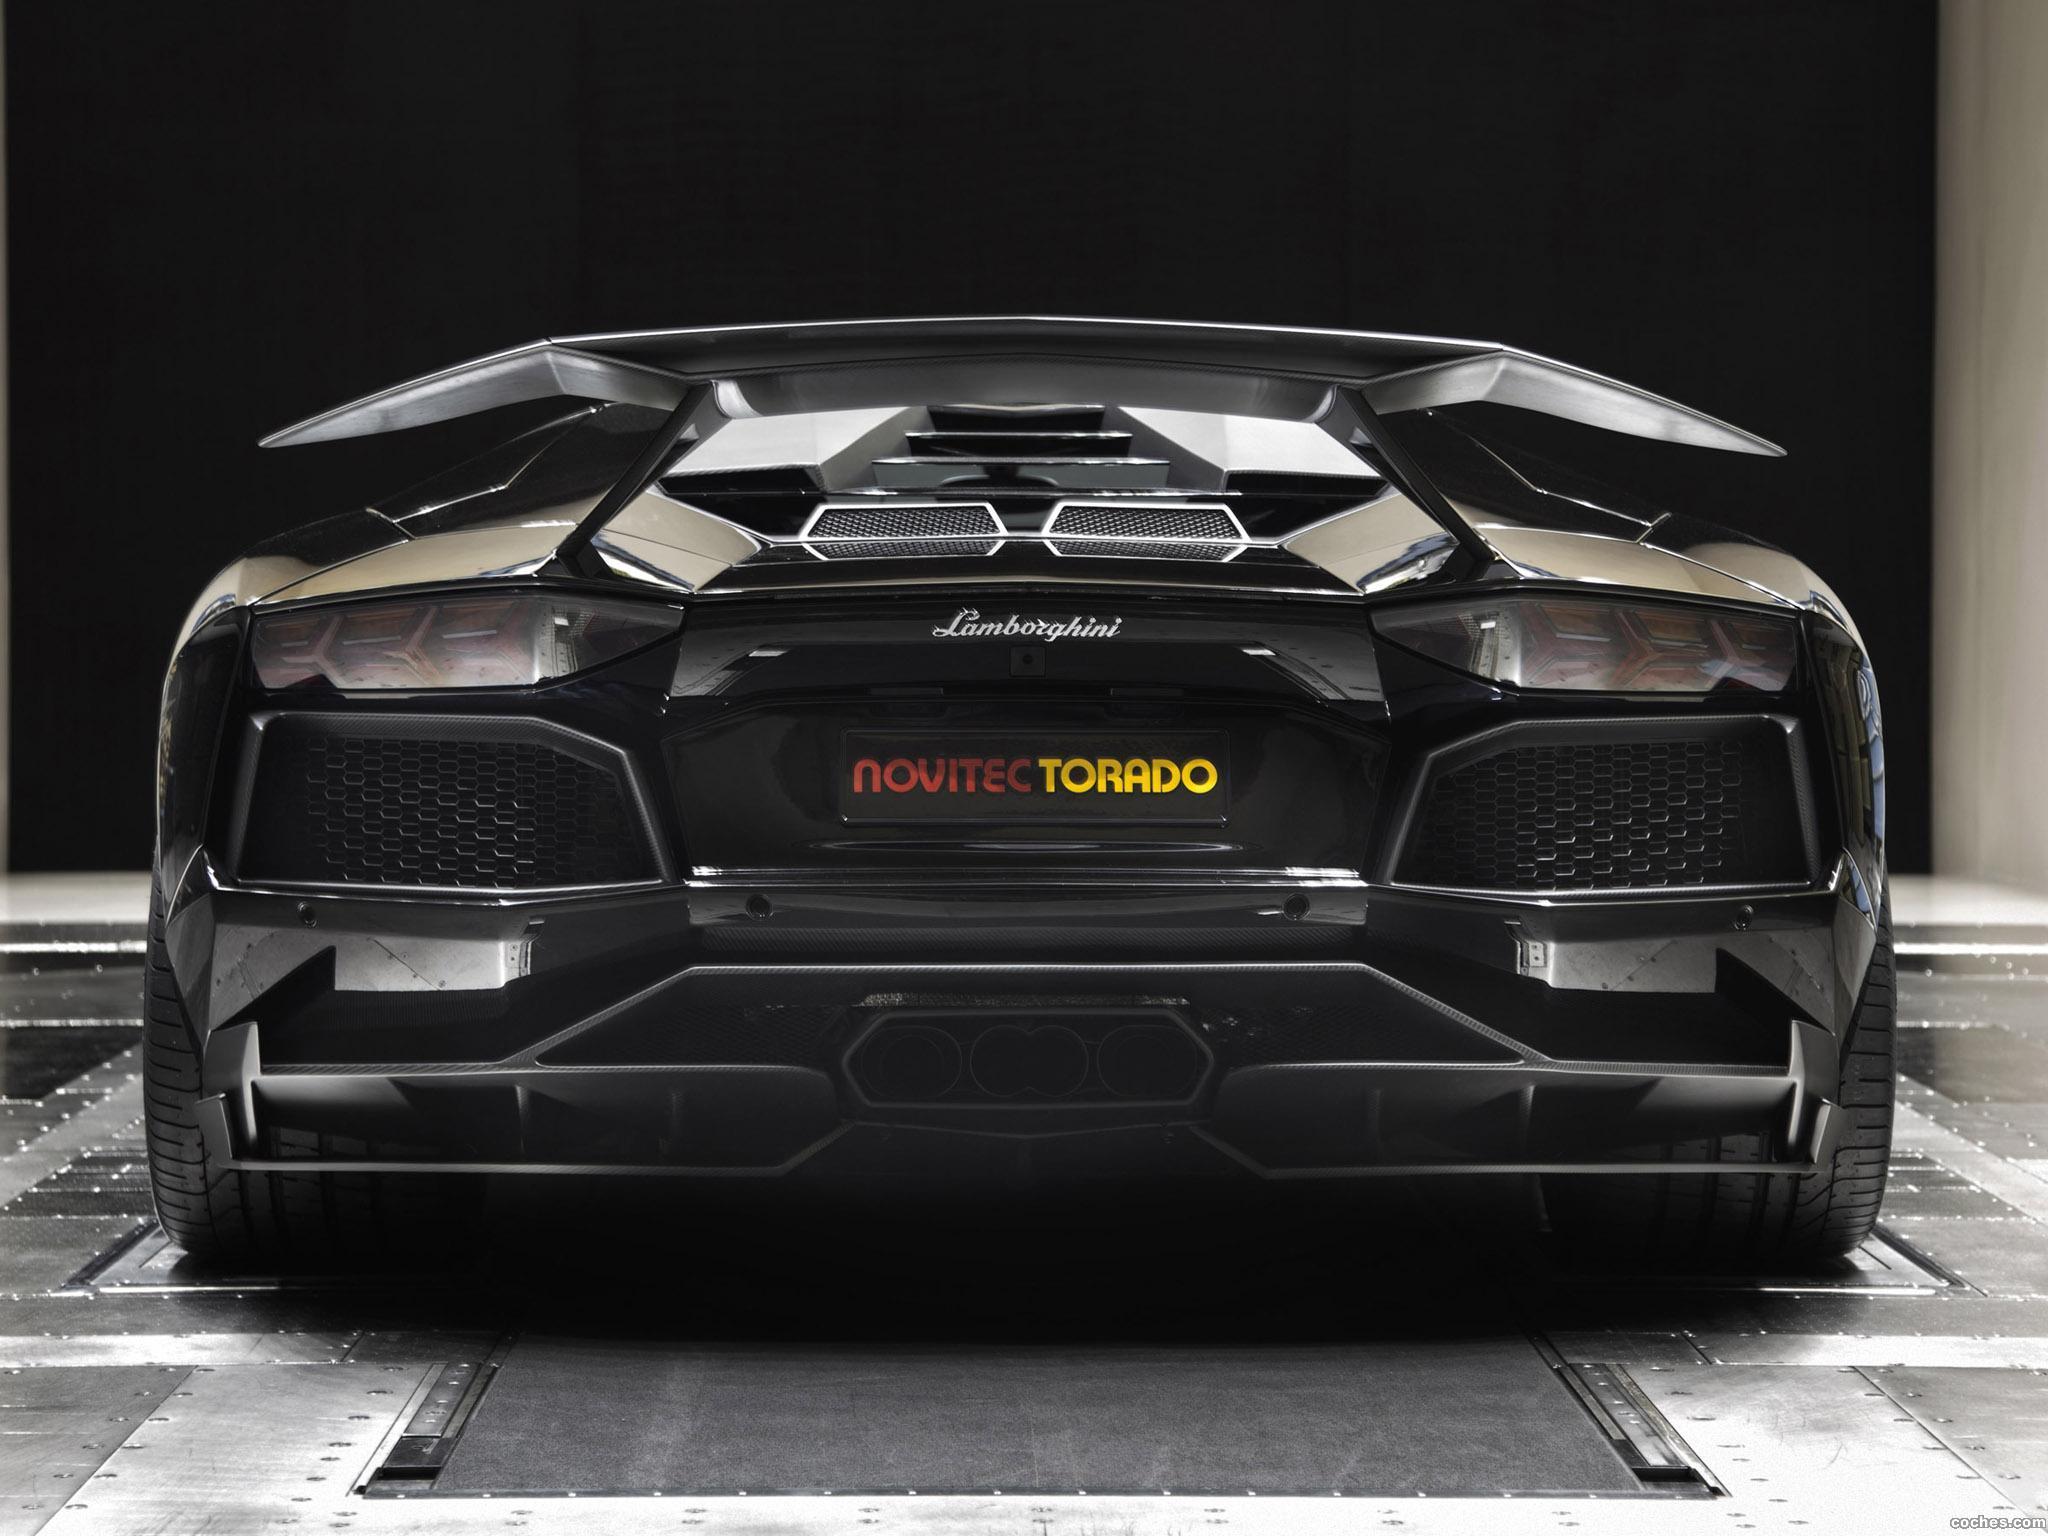 Foto 1 de Novitec Torado Lamborghini Aventador LP700-4 2013